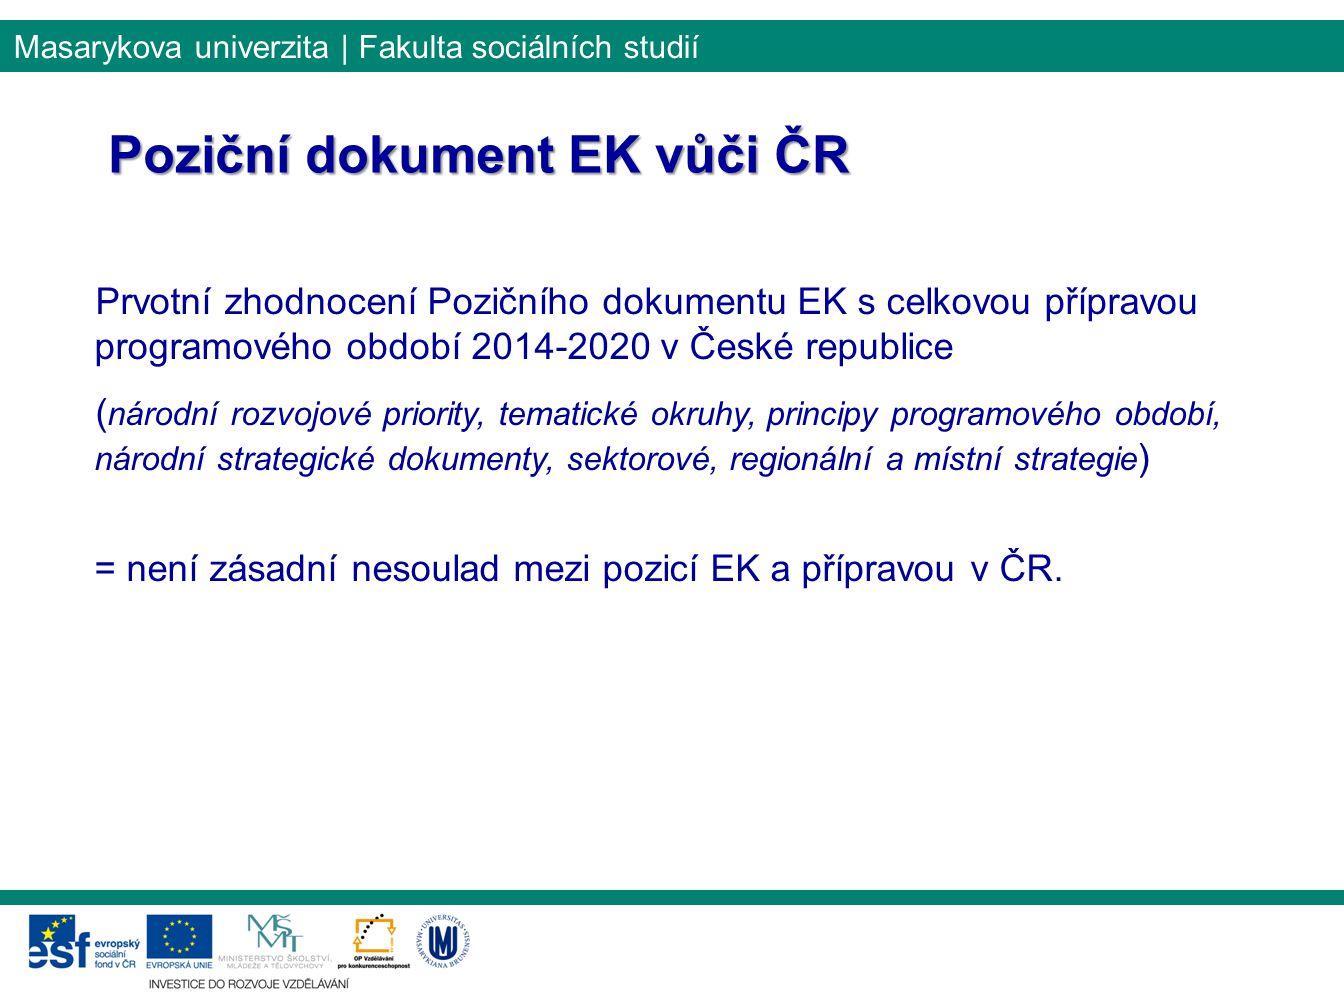 Poziční dokument EK vůči ČR